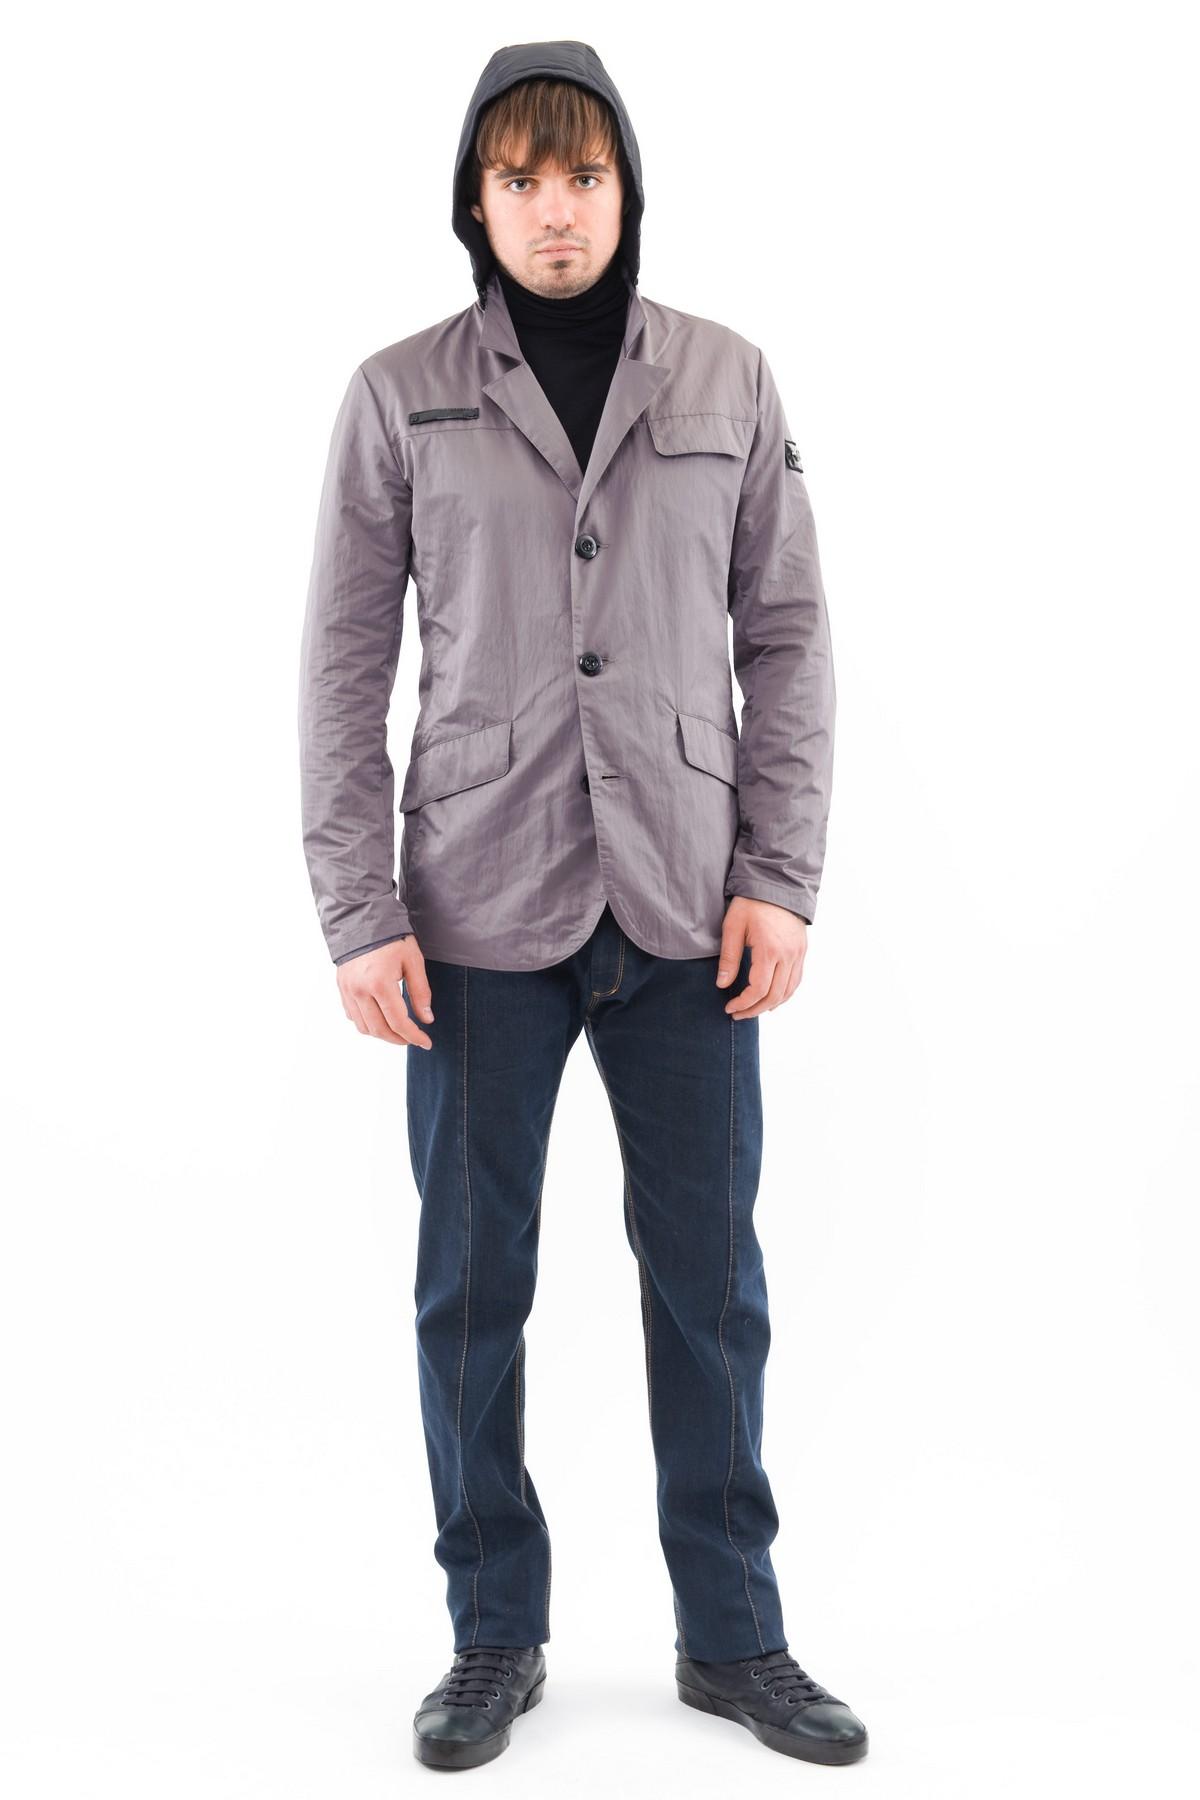 КурткаКуртки, пальто, ветровки<br>Стильная модель мужской курткиспособна выделить Вас из общей толпы.Комфортный вариант на каждый день.<br><br>Цвет: серый<br>Состав: 43% нейлон, 57% полиэстер<br>Размер: 44,46<br>Страна дизайна: Россия<br>Страна производства: Россия